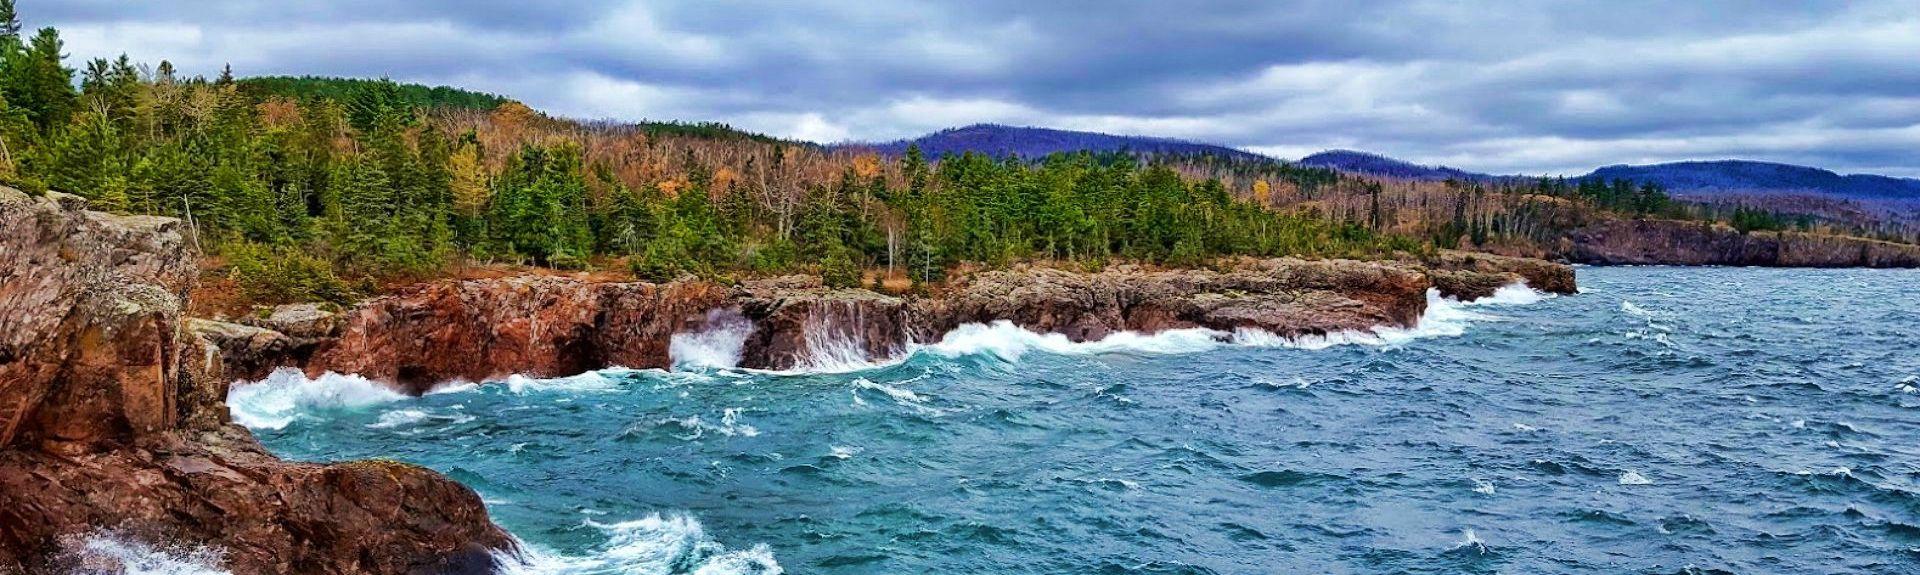 Silver Bay, MN, USA